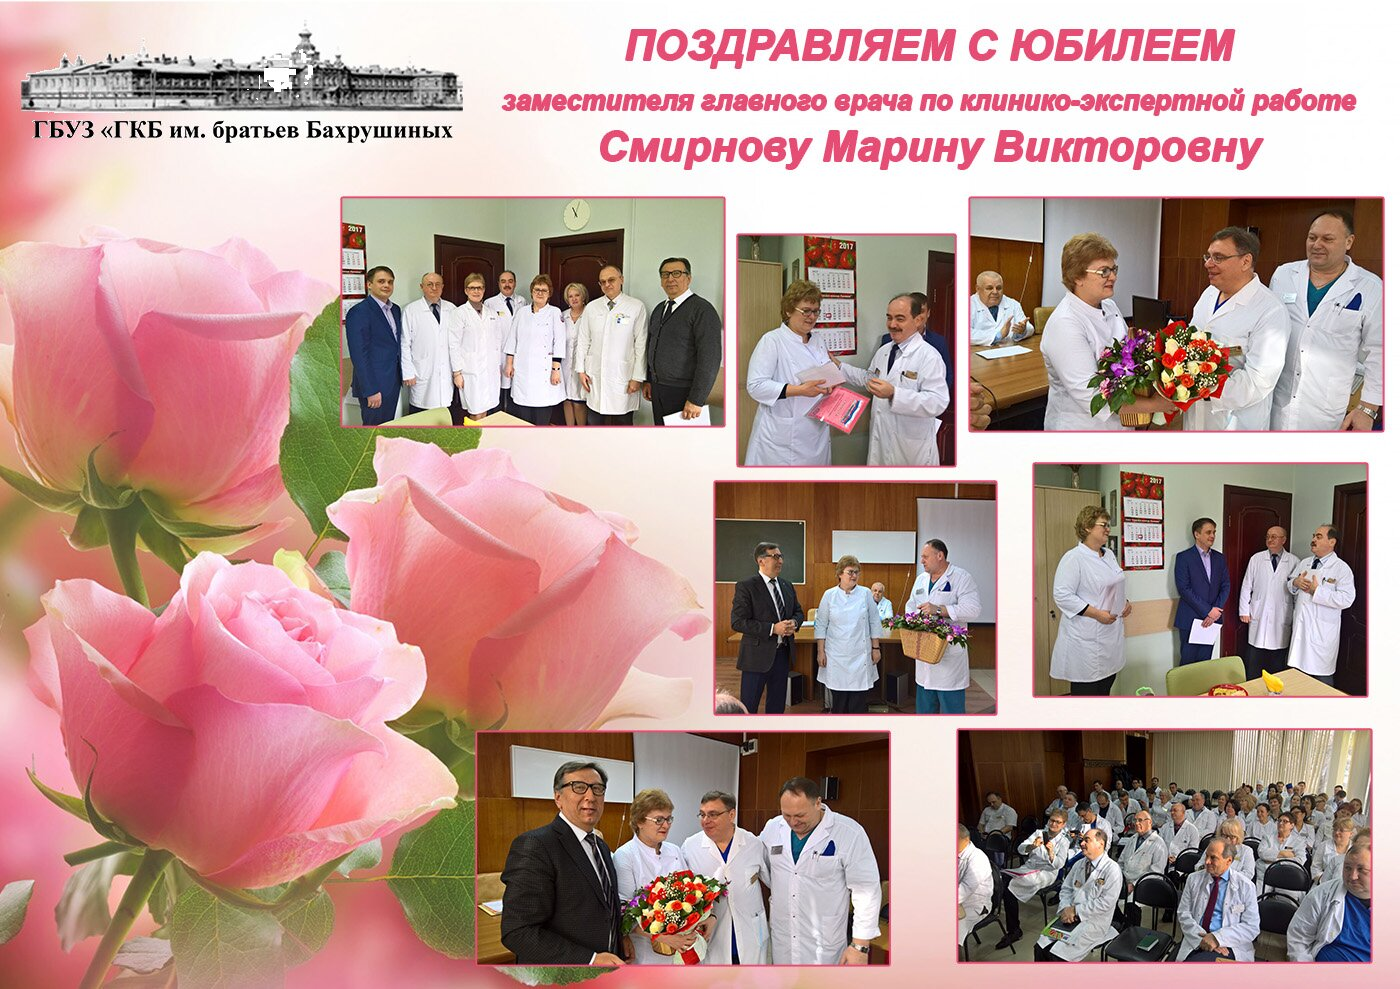 Поздравление юбилей главному врачу